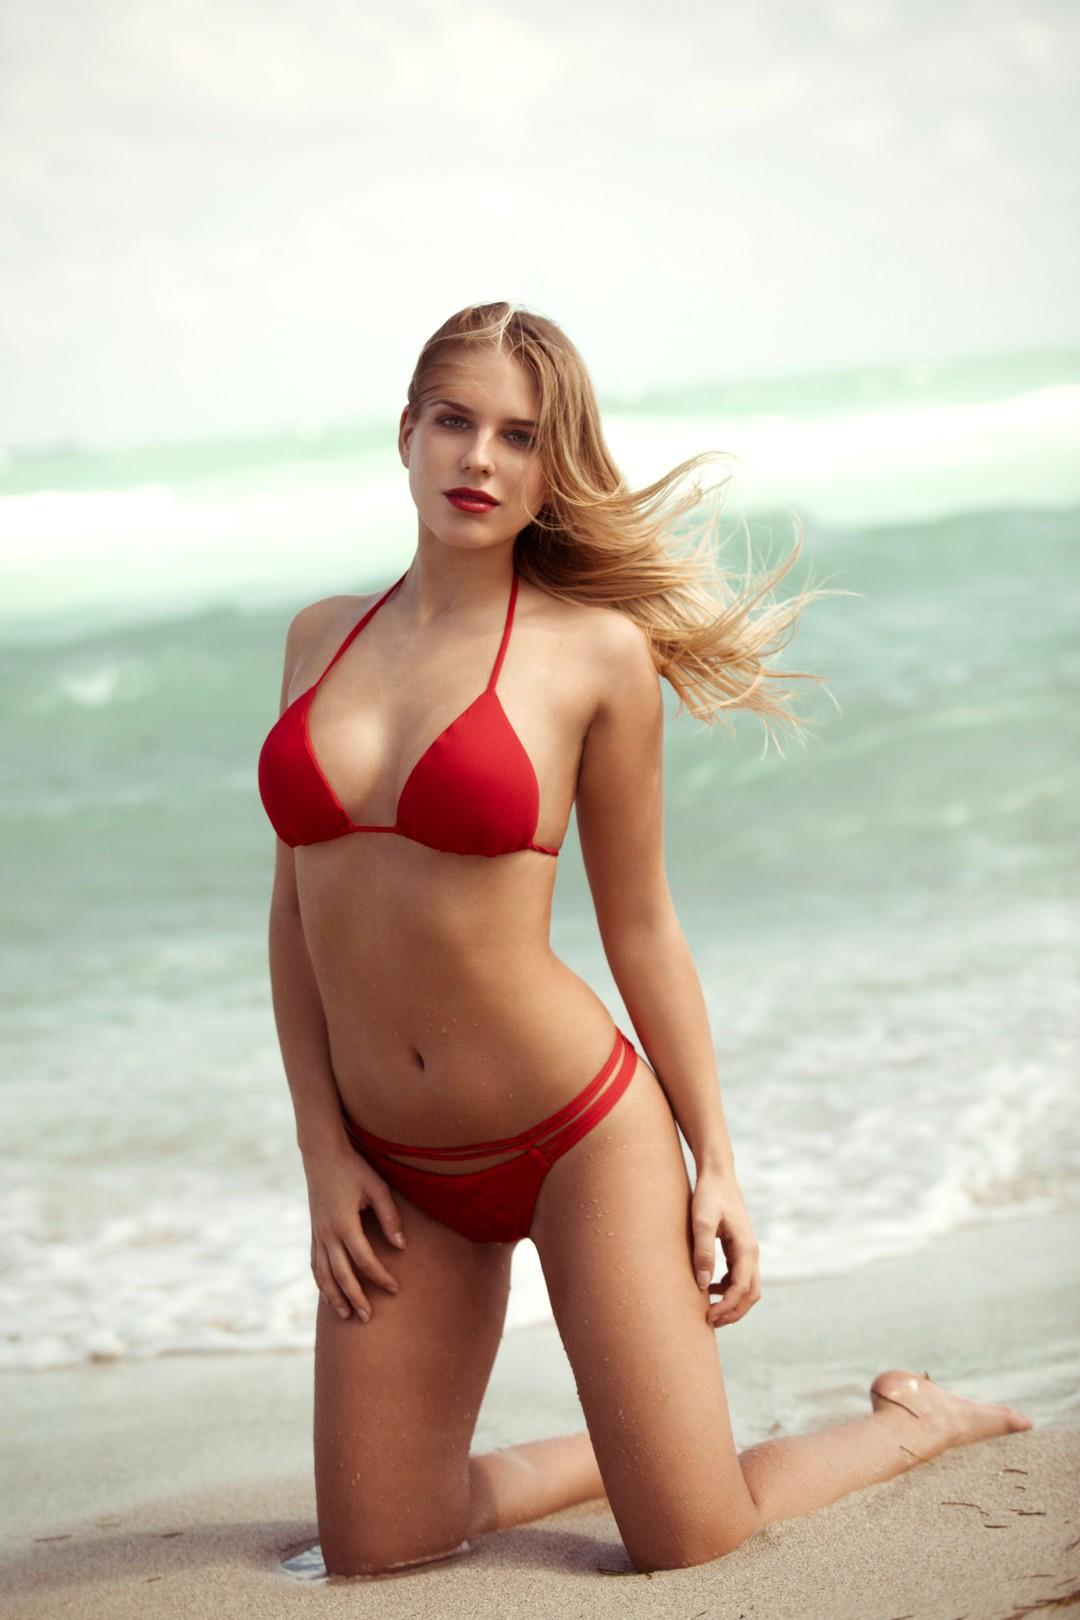 Der Bachelor 2017: Alle Kandidatinnen im Bikini - Bild 22 von 23